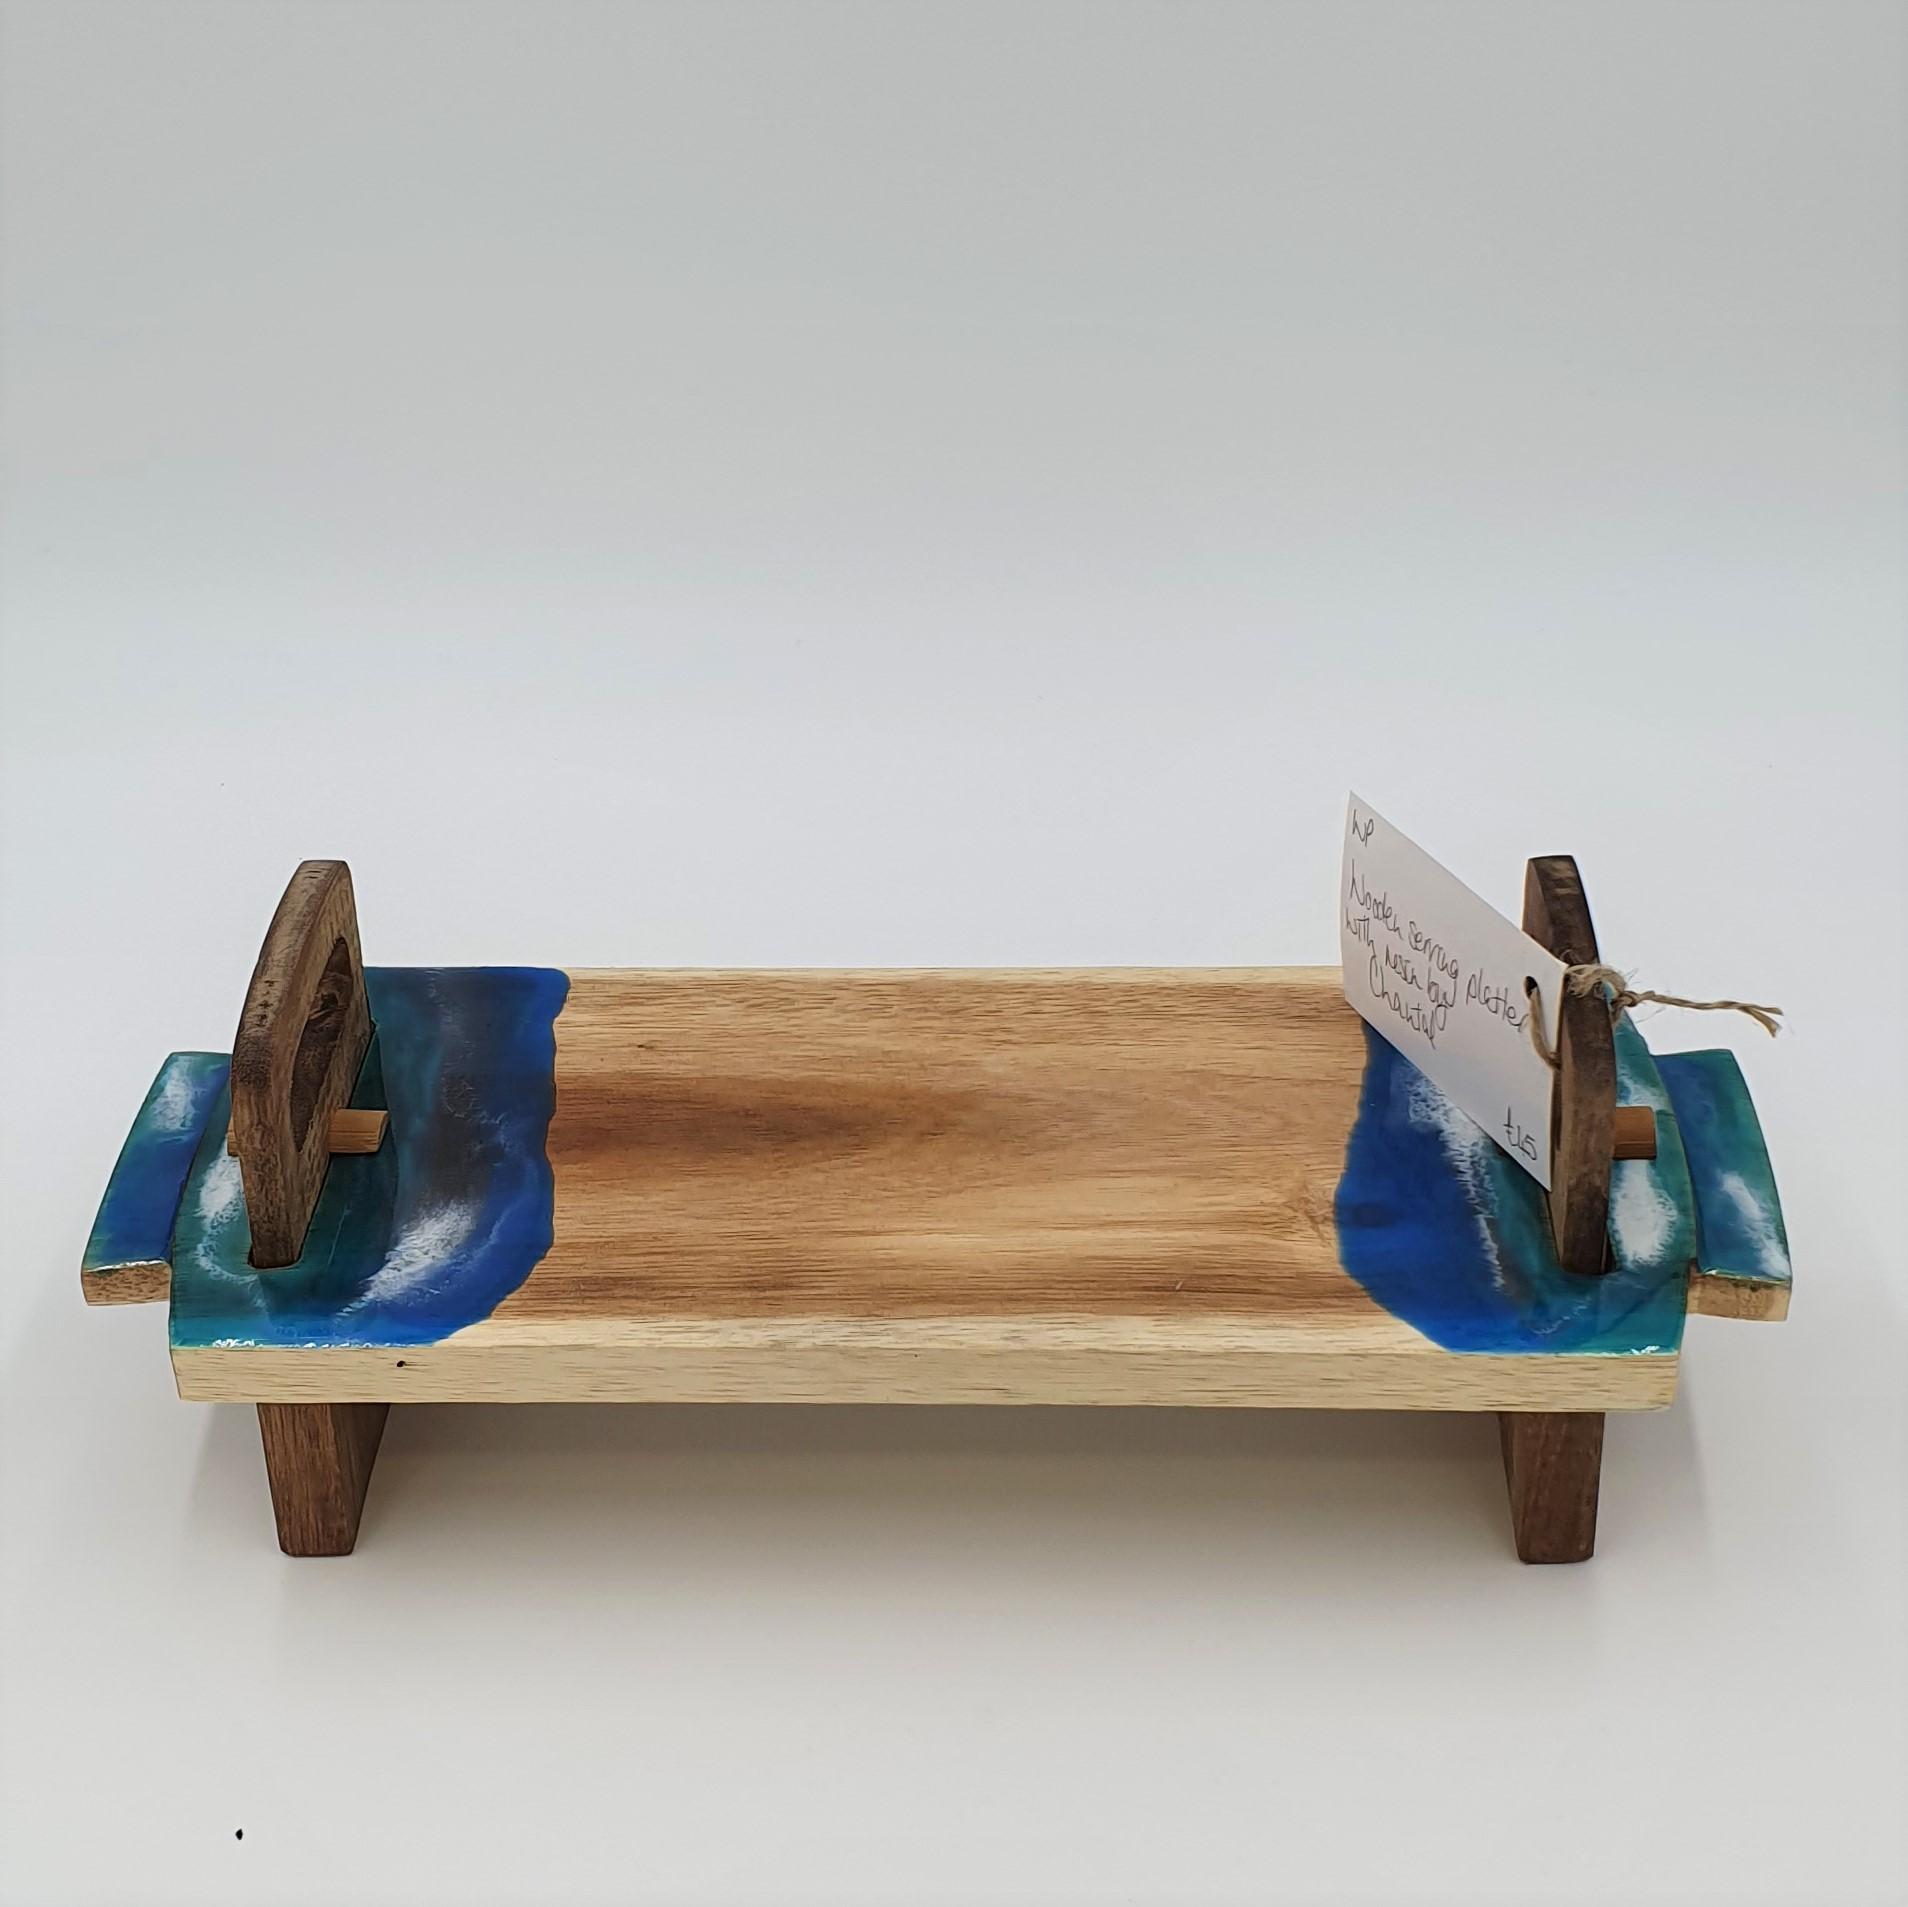 Chantal - WP wooden serving platter